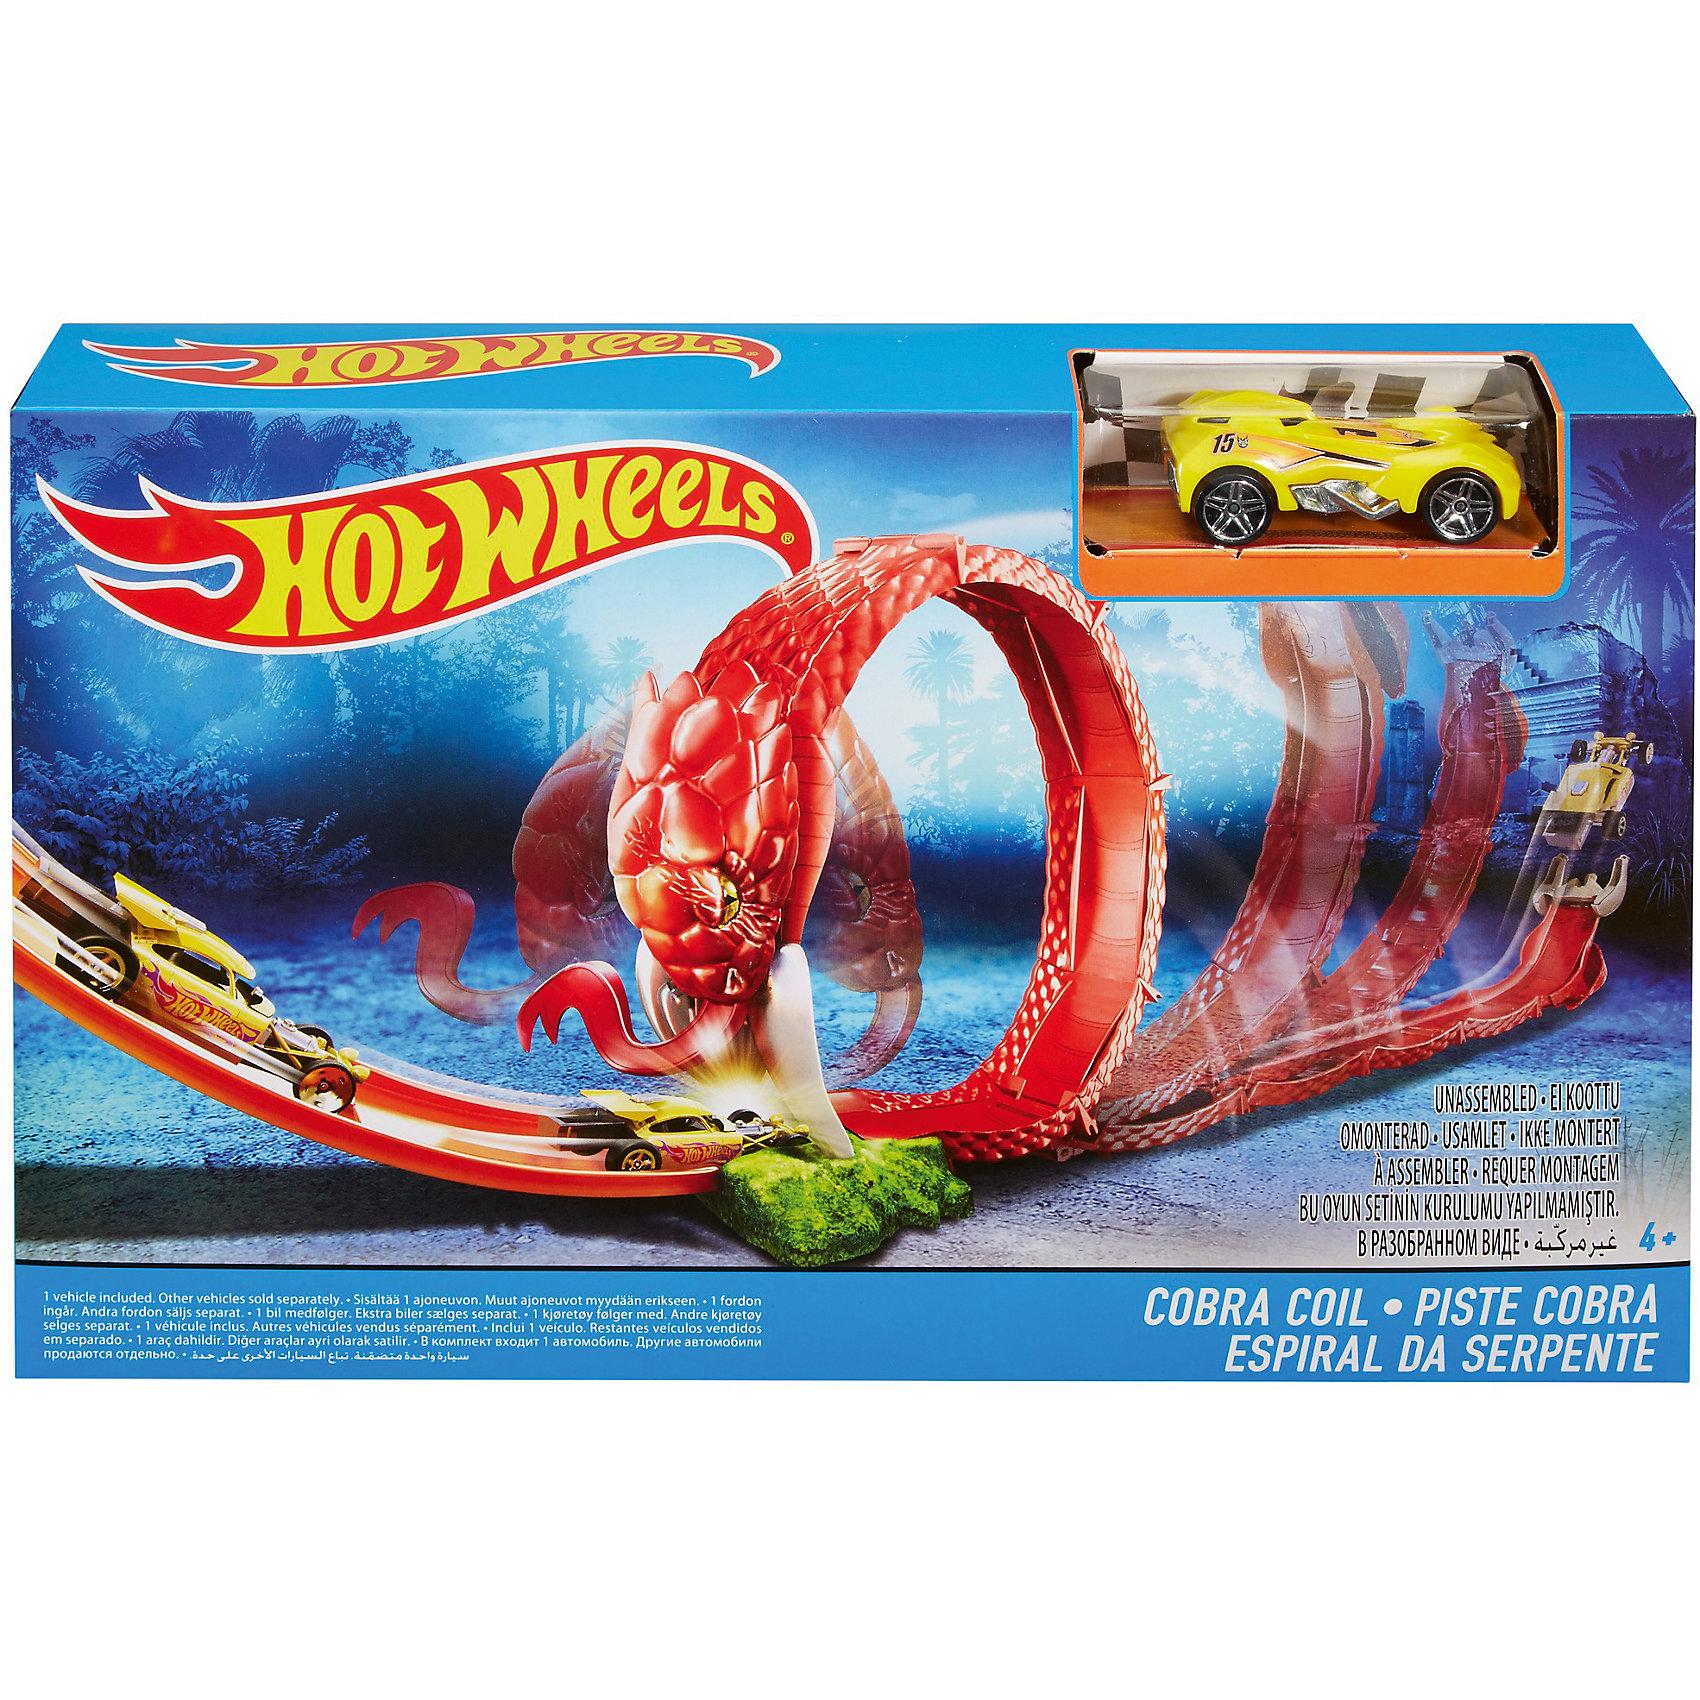 Игровой набор Cobra Coil, Hot WheelsИгровые наборы<br><br><br>Ширина мм: 305<br>Глубина мм: 55<br>Высота мм: 190<br>Вес г: 429<br>Возраст от месяцев: 48<br>Возраст до месяцев: 120<br>Пол: Мужской<br>Возраст: Детский<br>SKU: 5440256